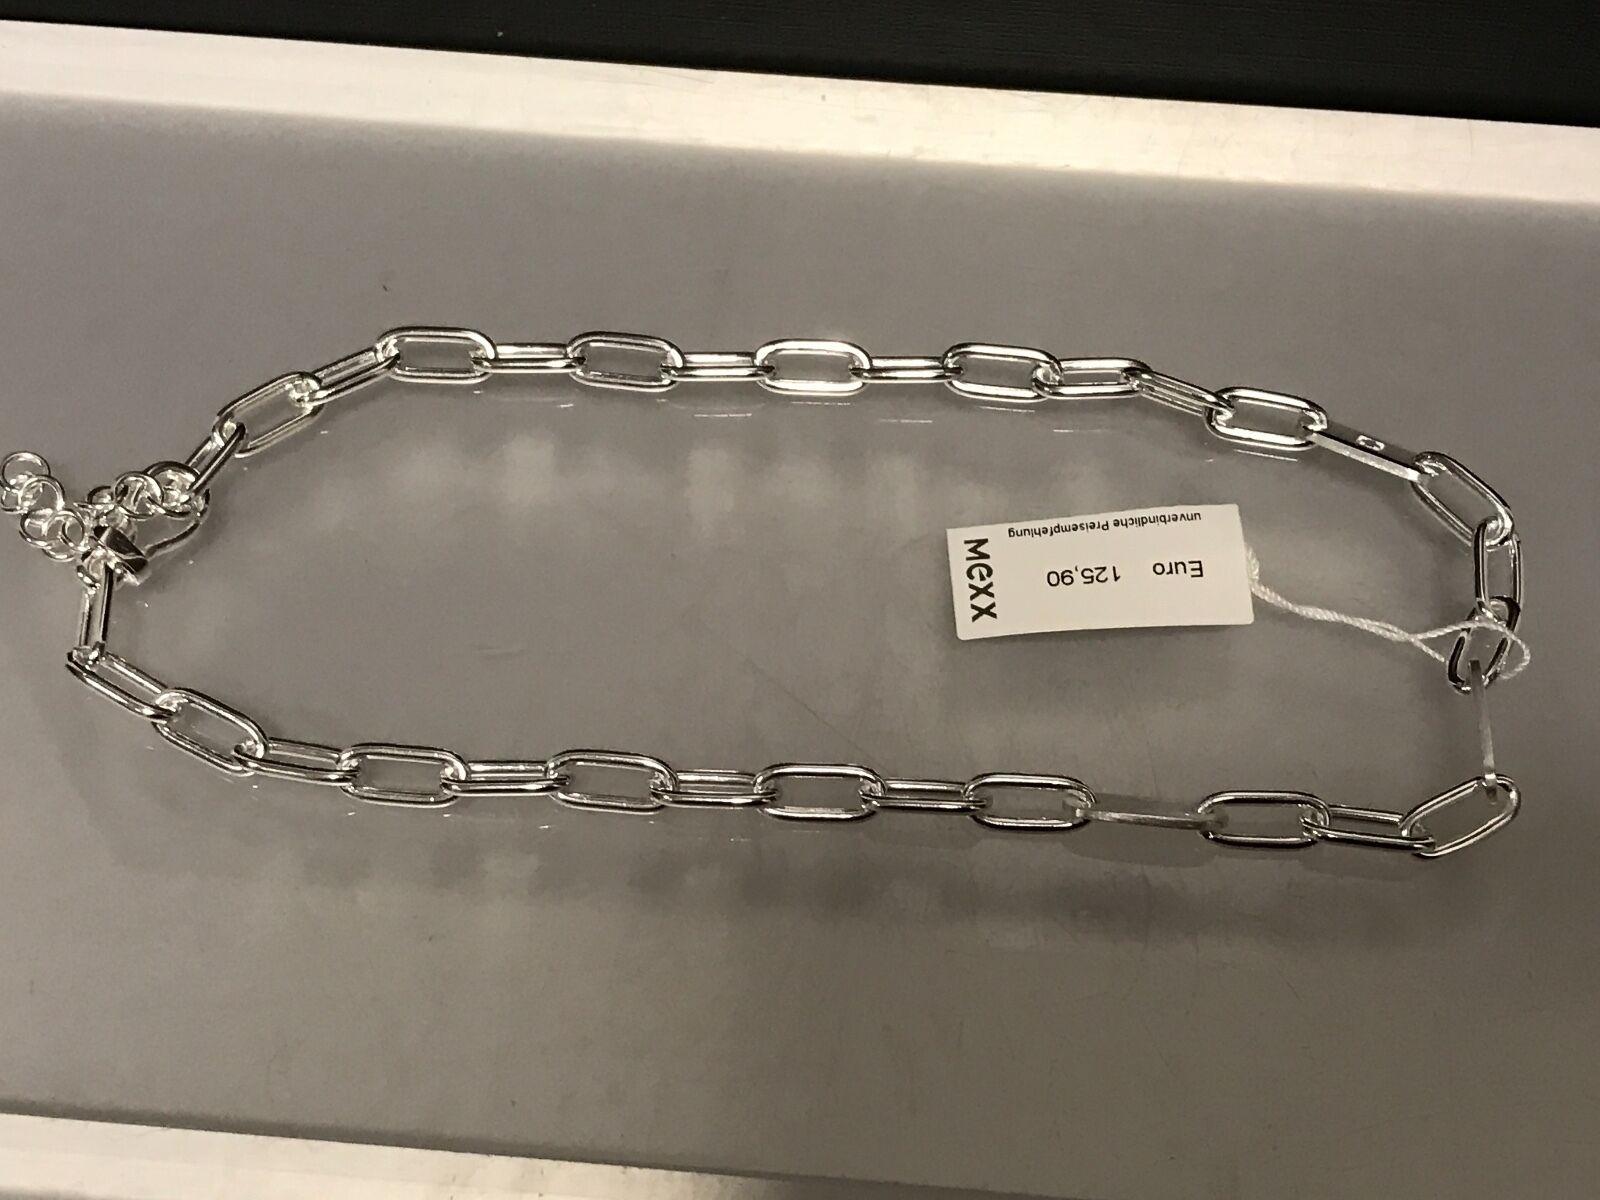 MEXX CATENA 925 argentoO 30 30 30 4 grammi dimensioni  43 cm. inutilizzato e723a5